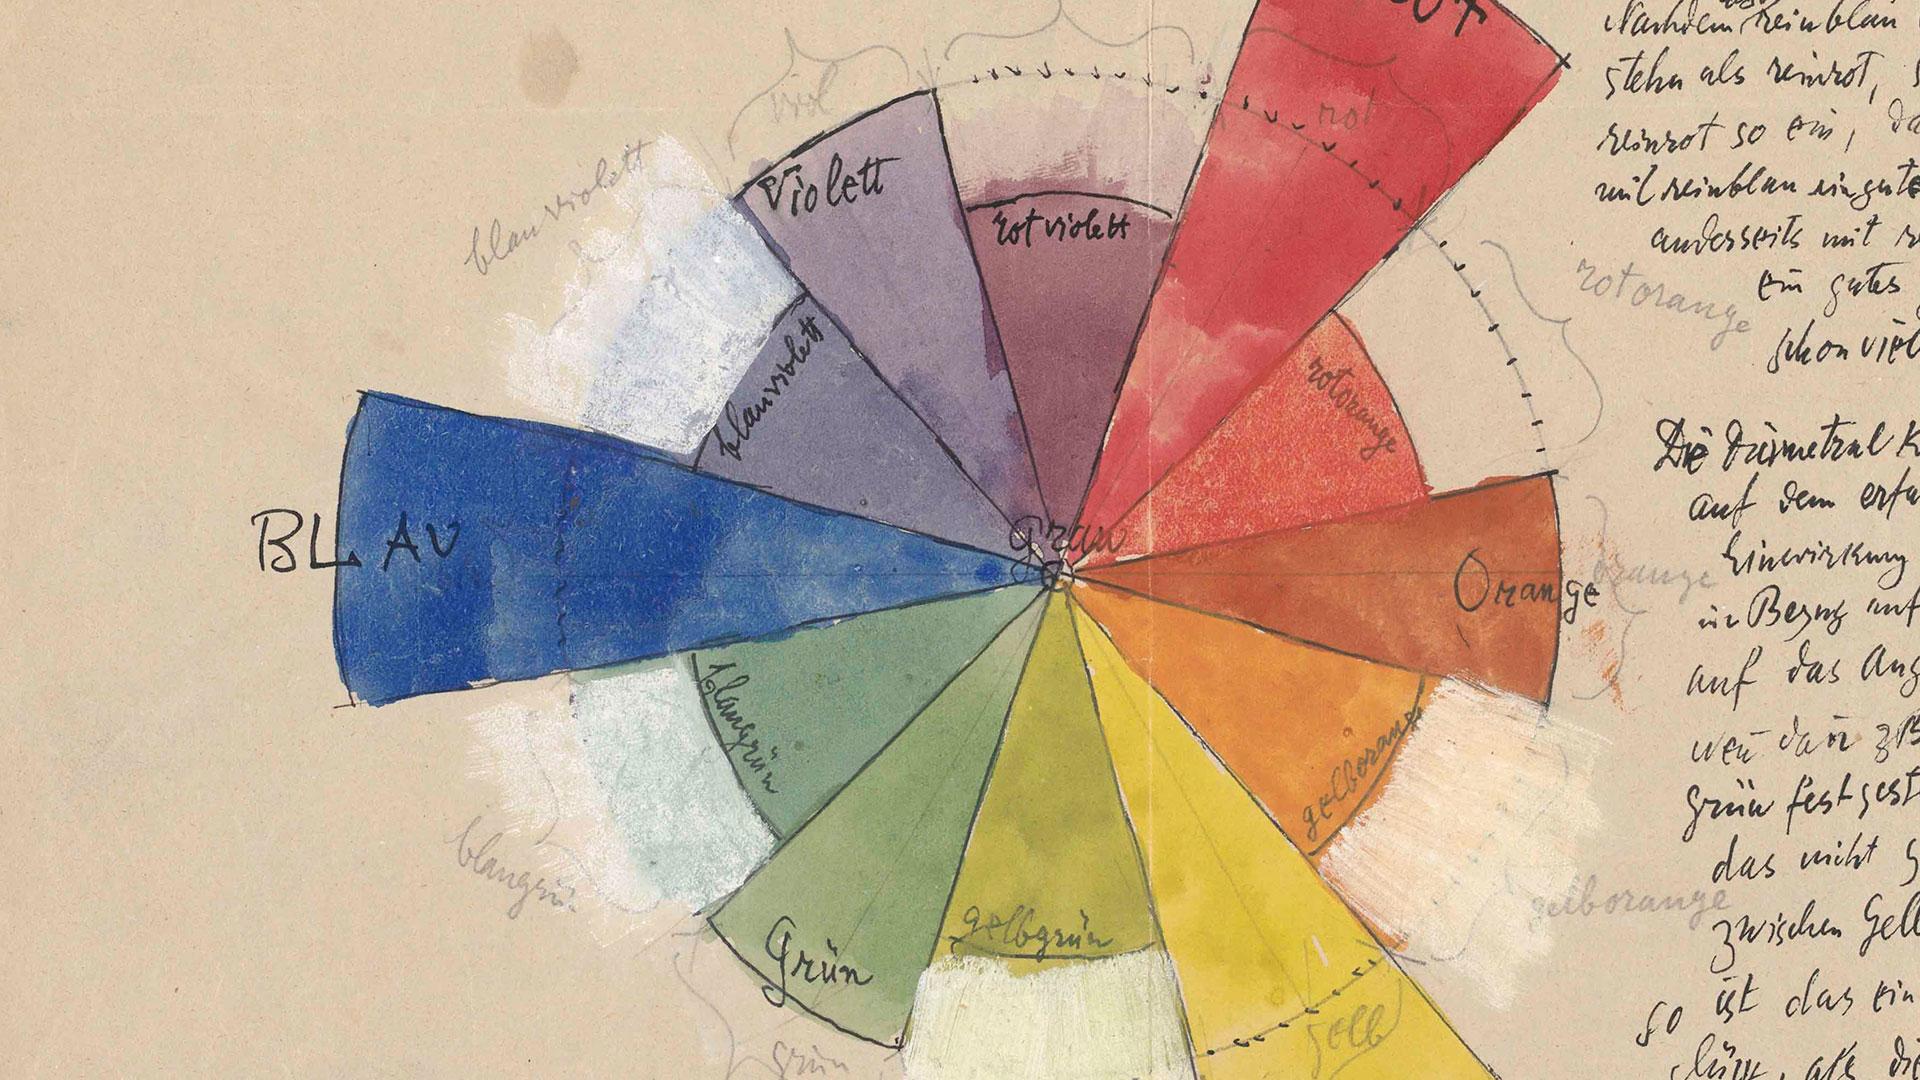 Exposición de Paul Klee hero asset